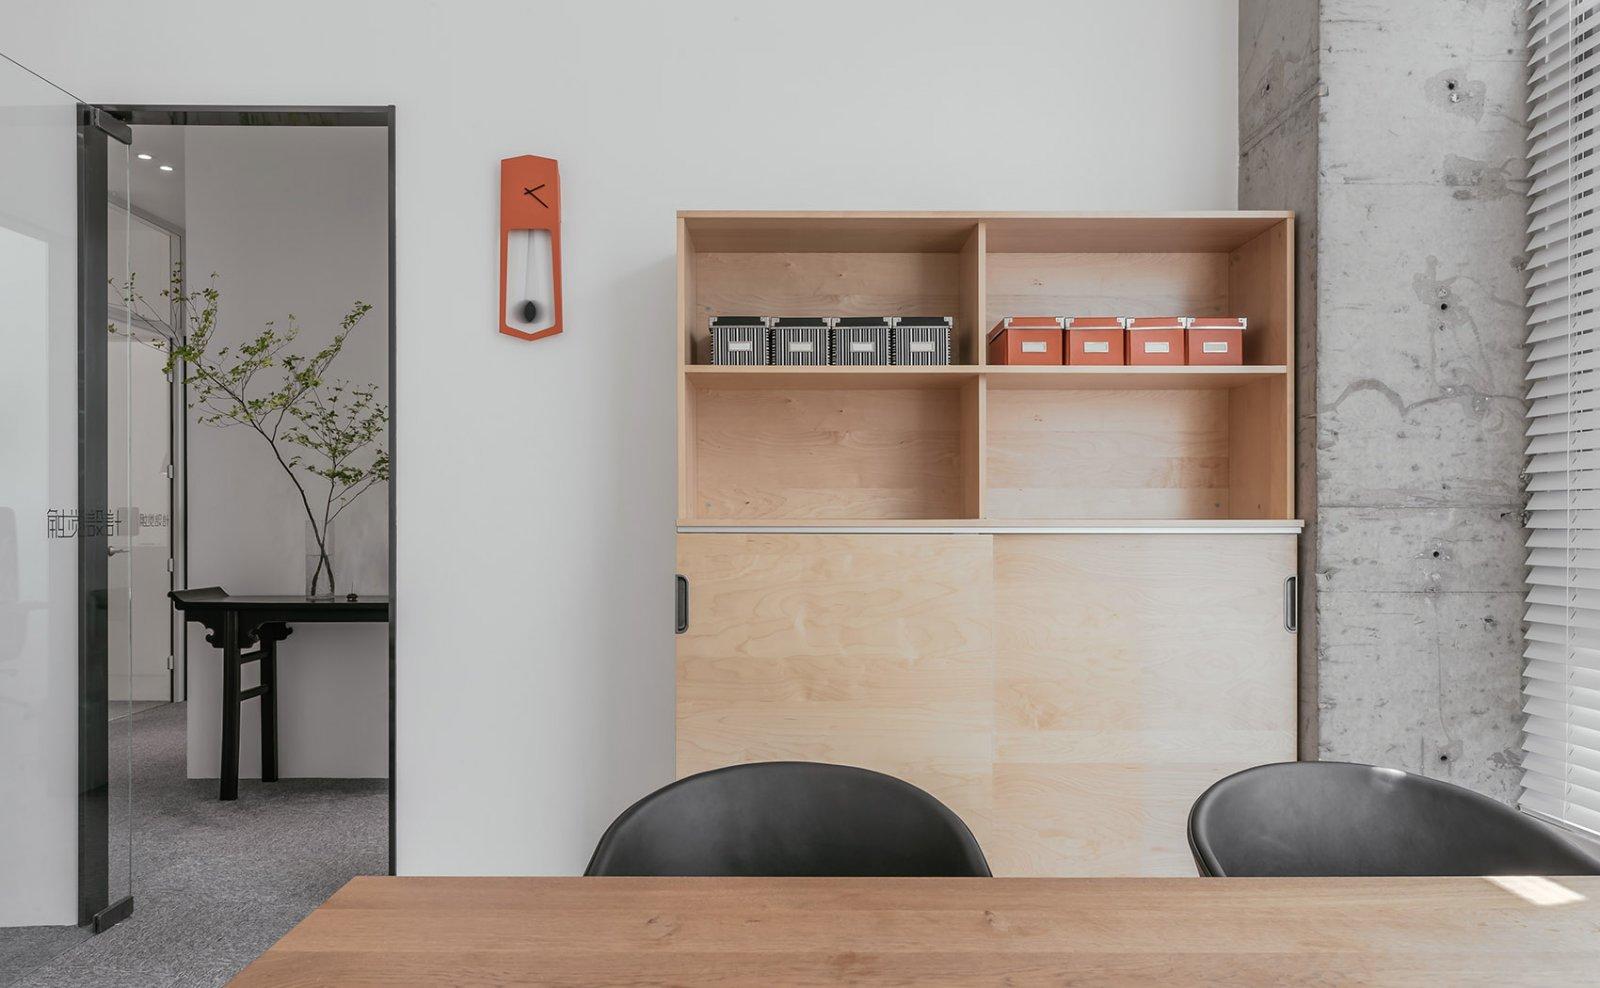 办公室设计,让极简不失调性|张勇、马鑫 - 9